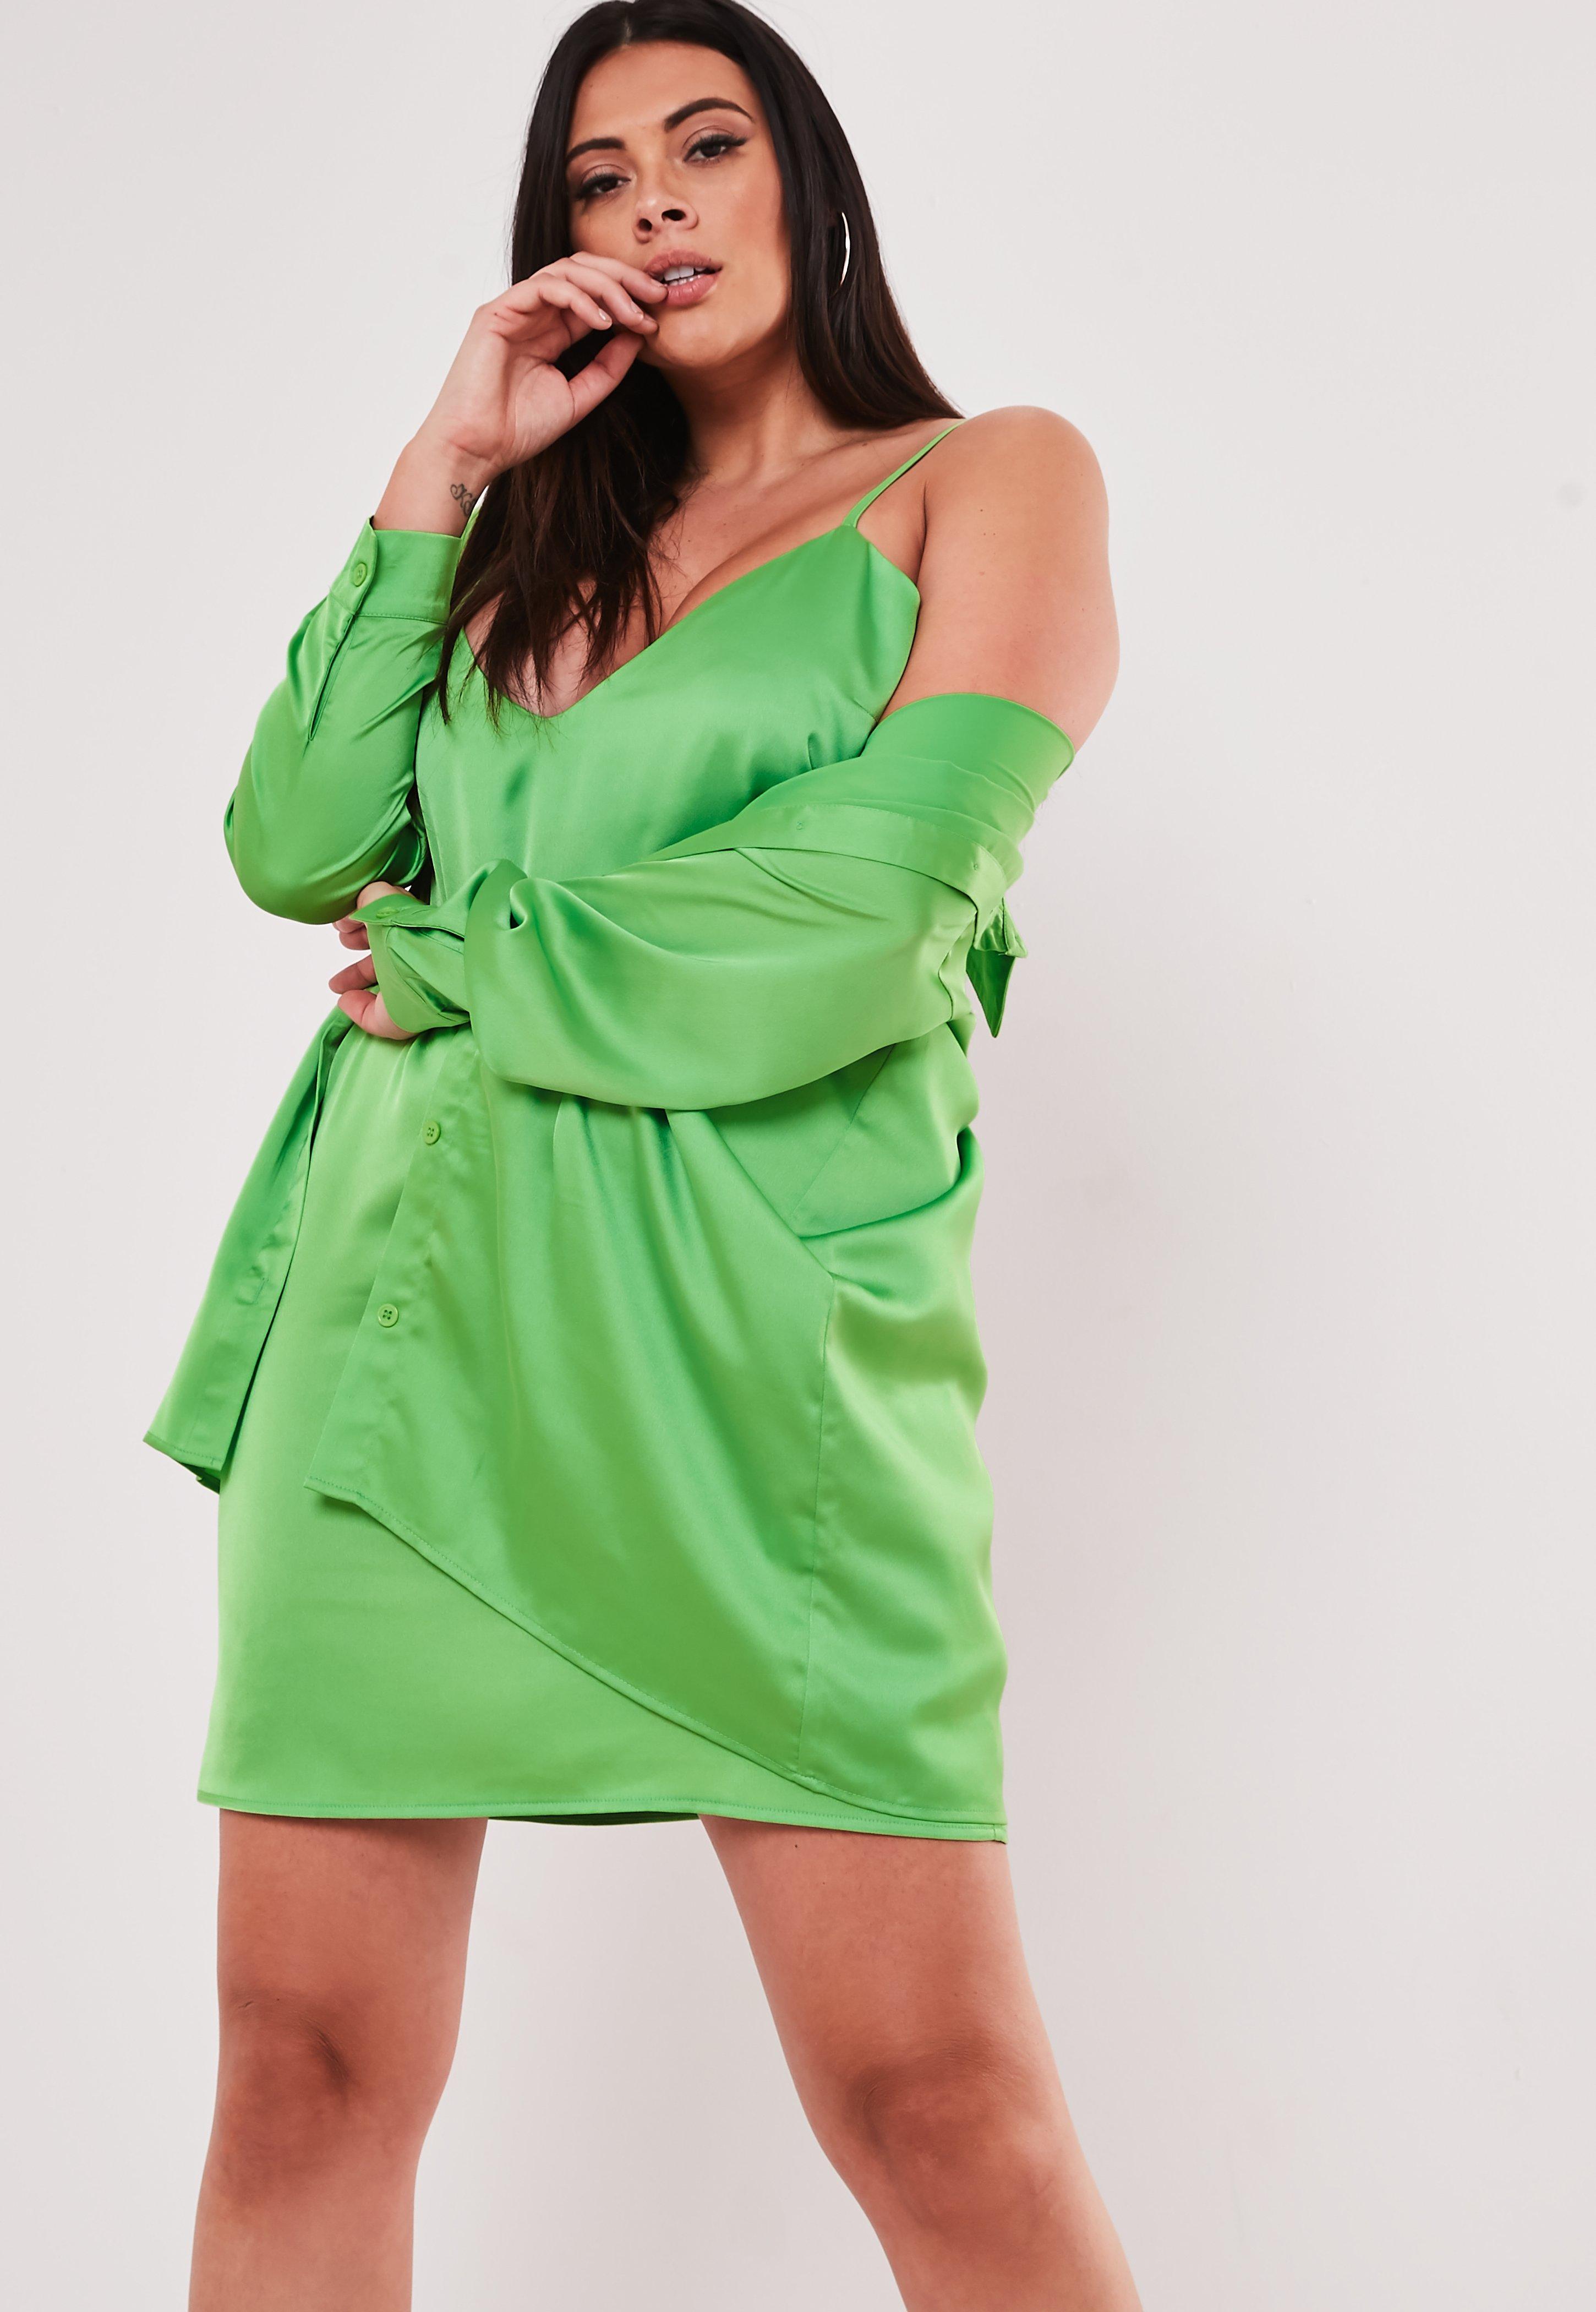 f0d0b892286 Satin Dress - Silky Dresses Online